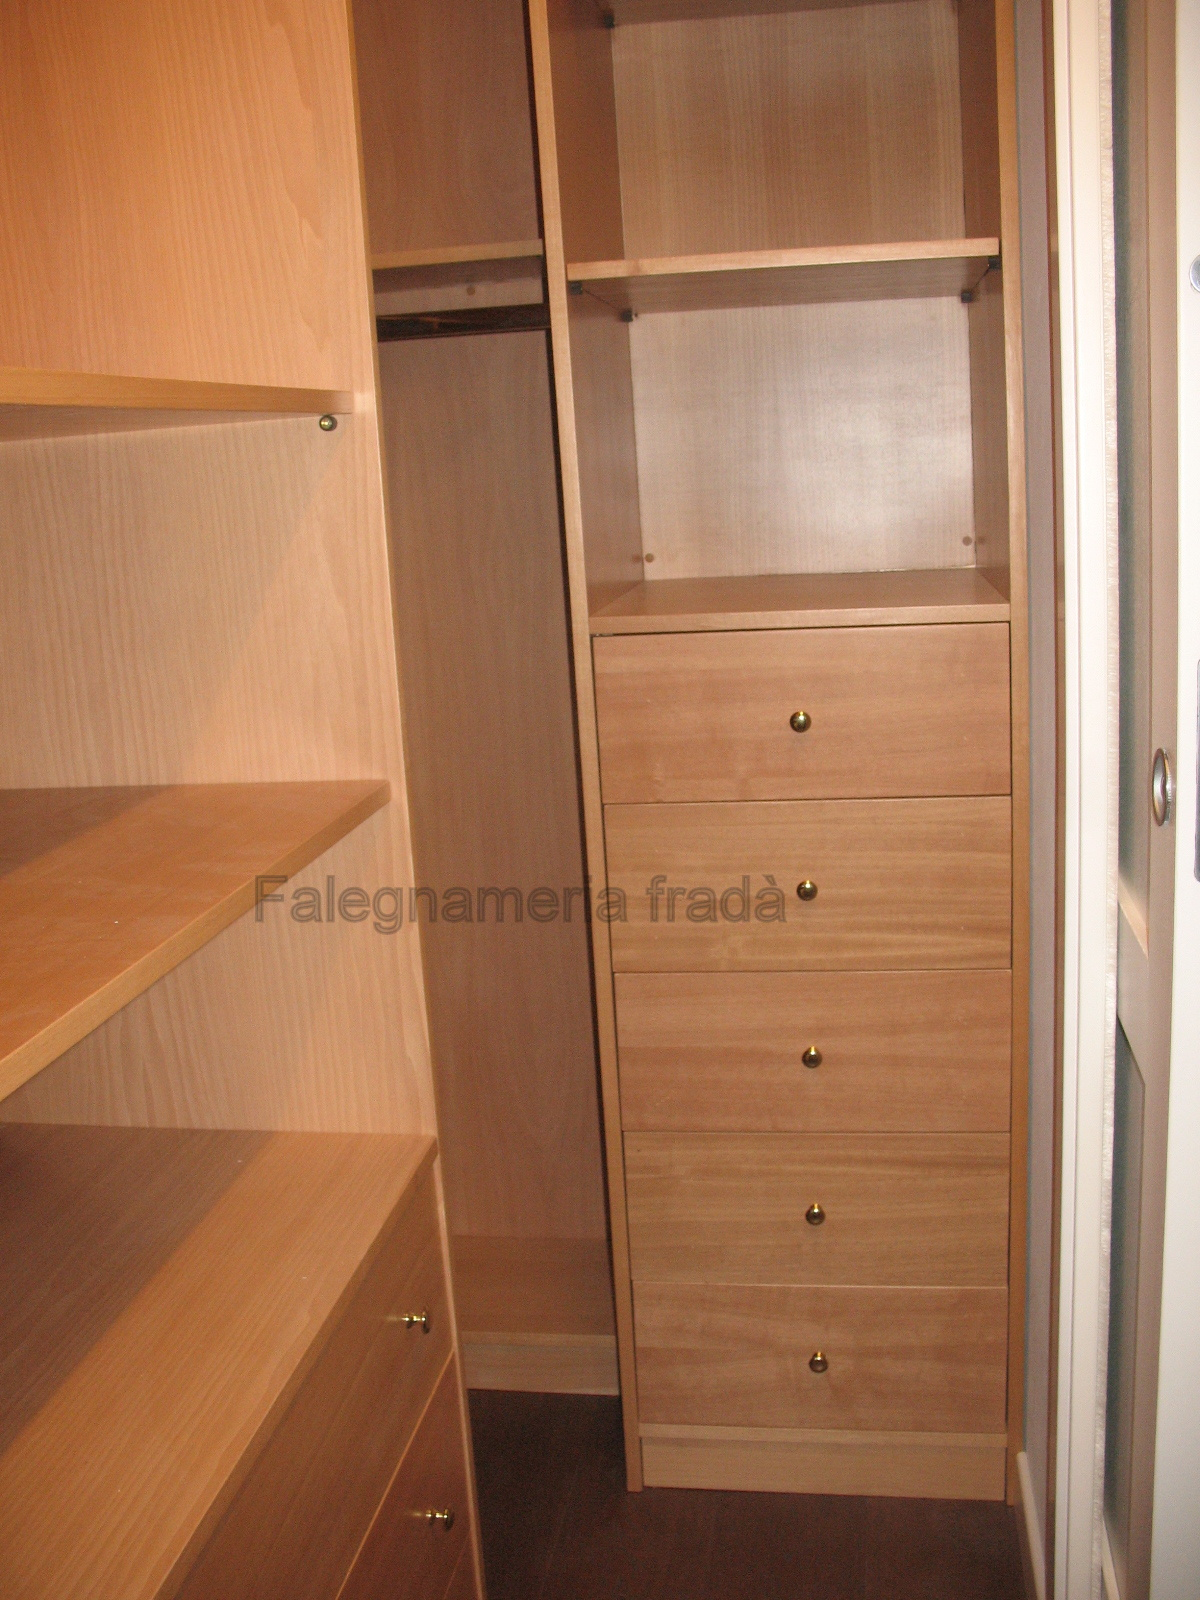 Interno cabina armadio falegnameria frad falegname a - Armadio interno ...